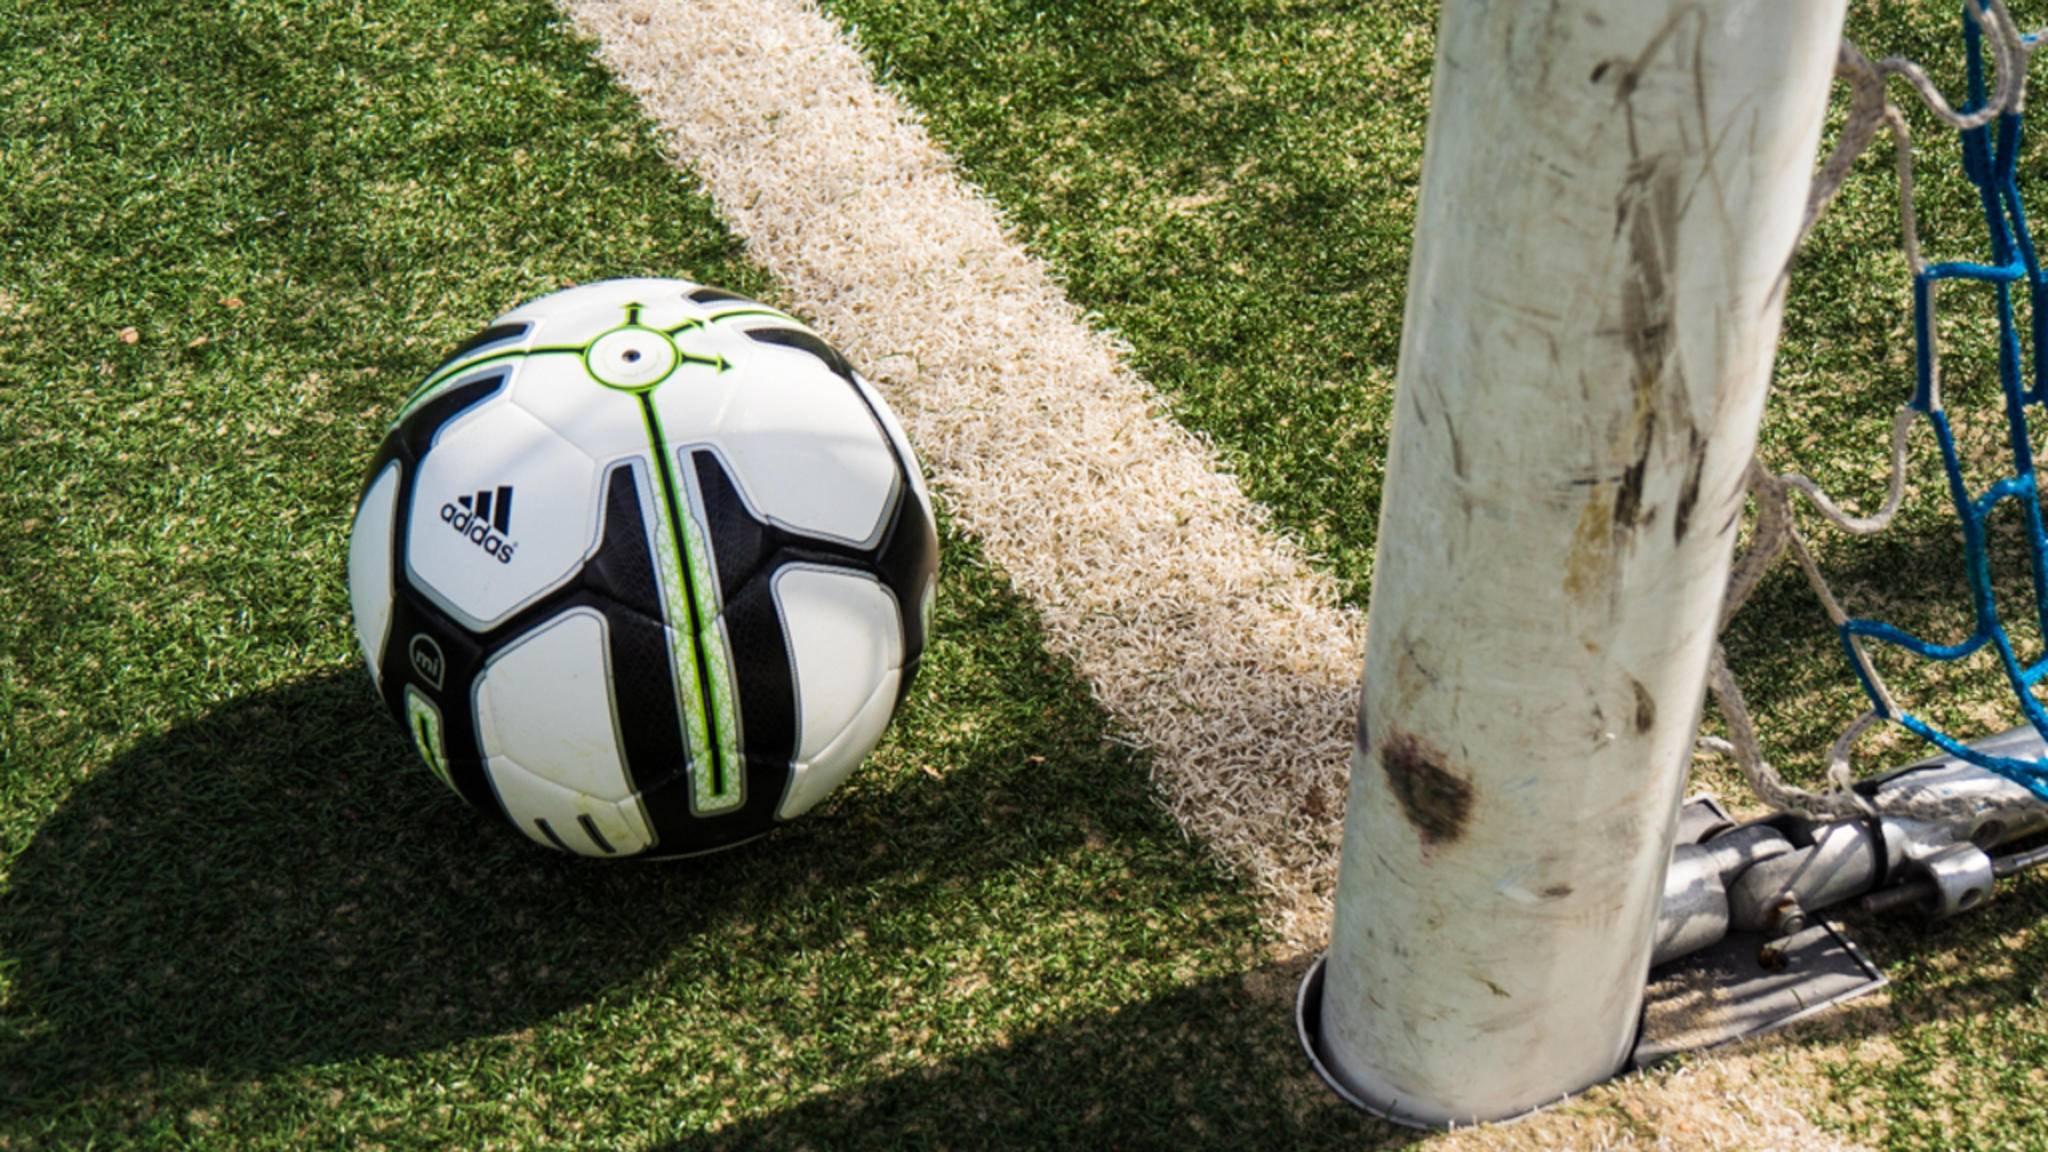 Der Adidas miCoach Smart Ball kann mehr als ein gewöhnlicher Fußball.